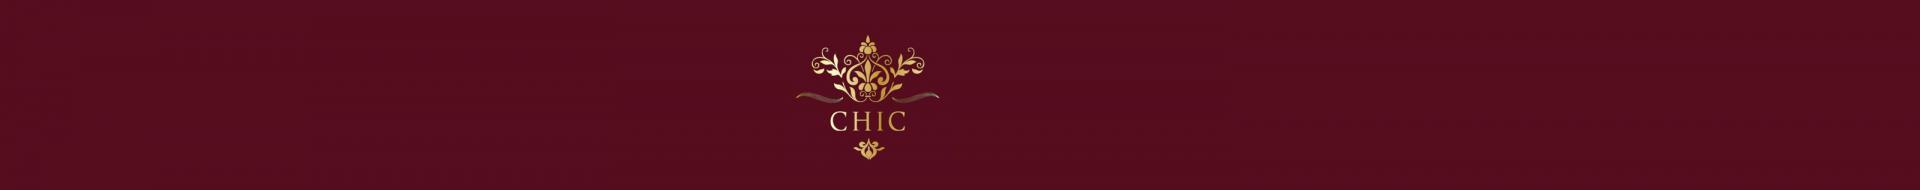 Perfumeria y Complementos CHIC